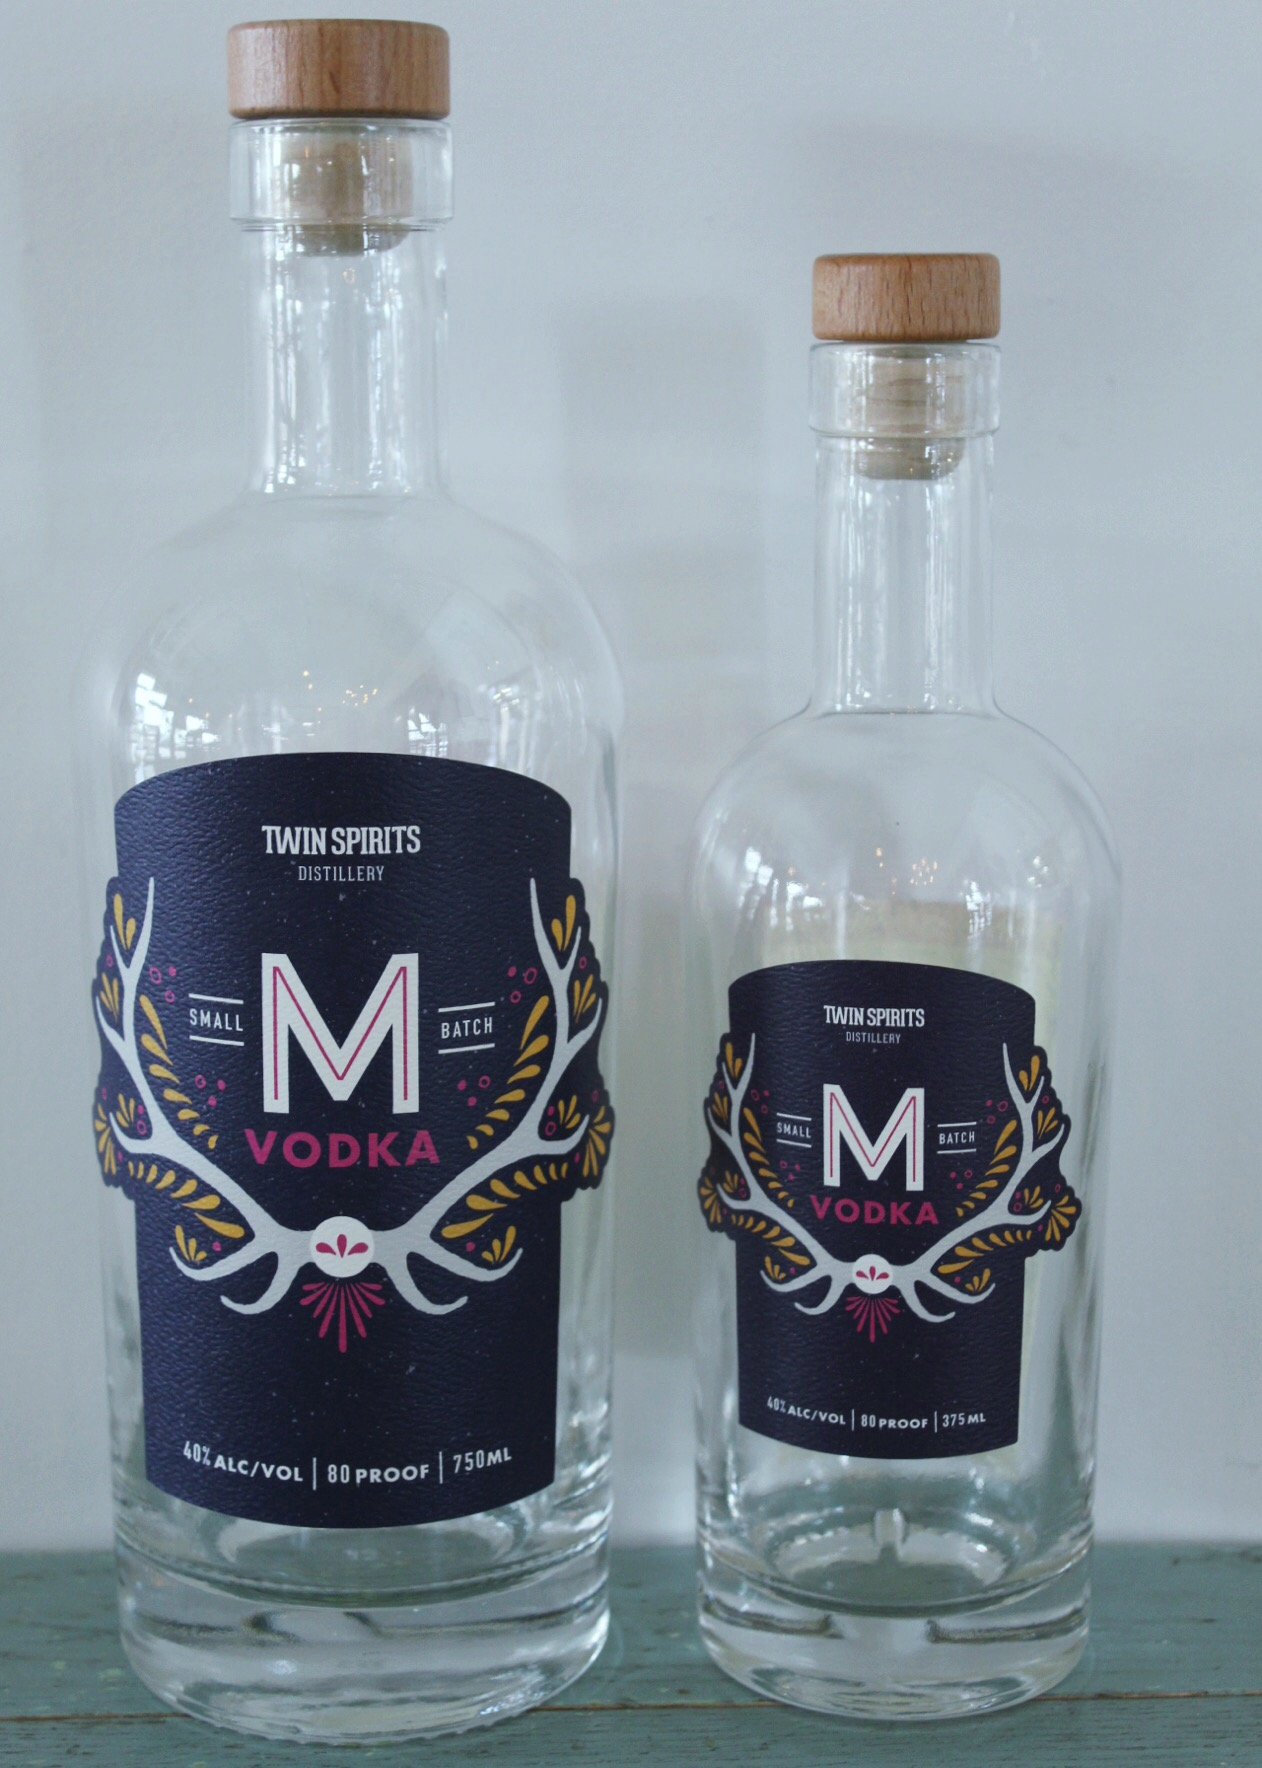 M Vodka